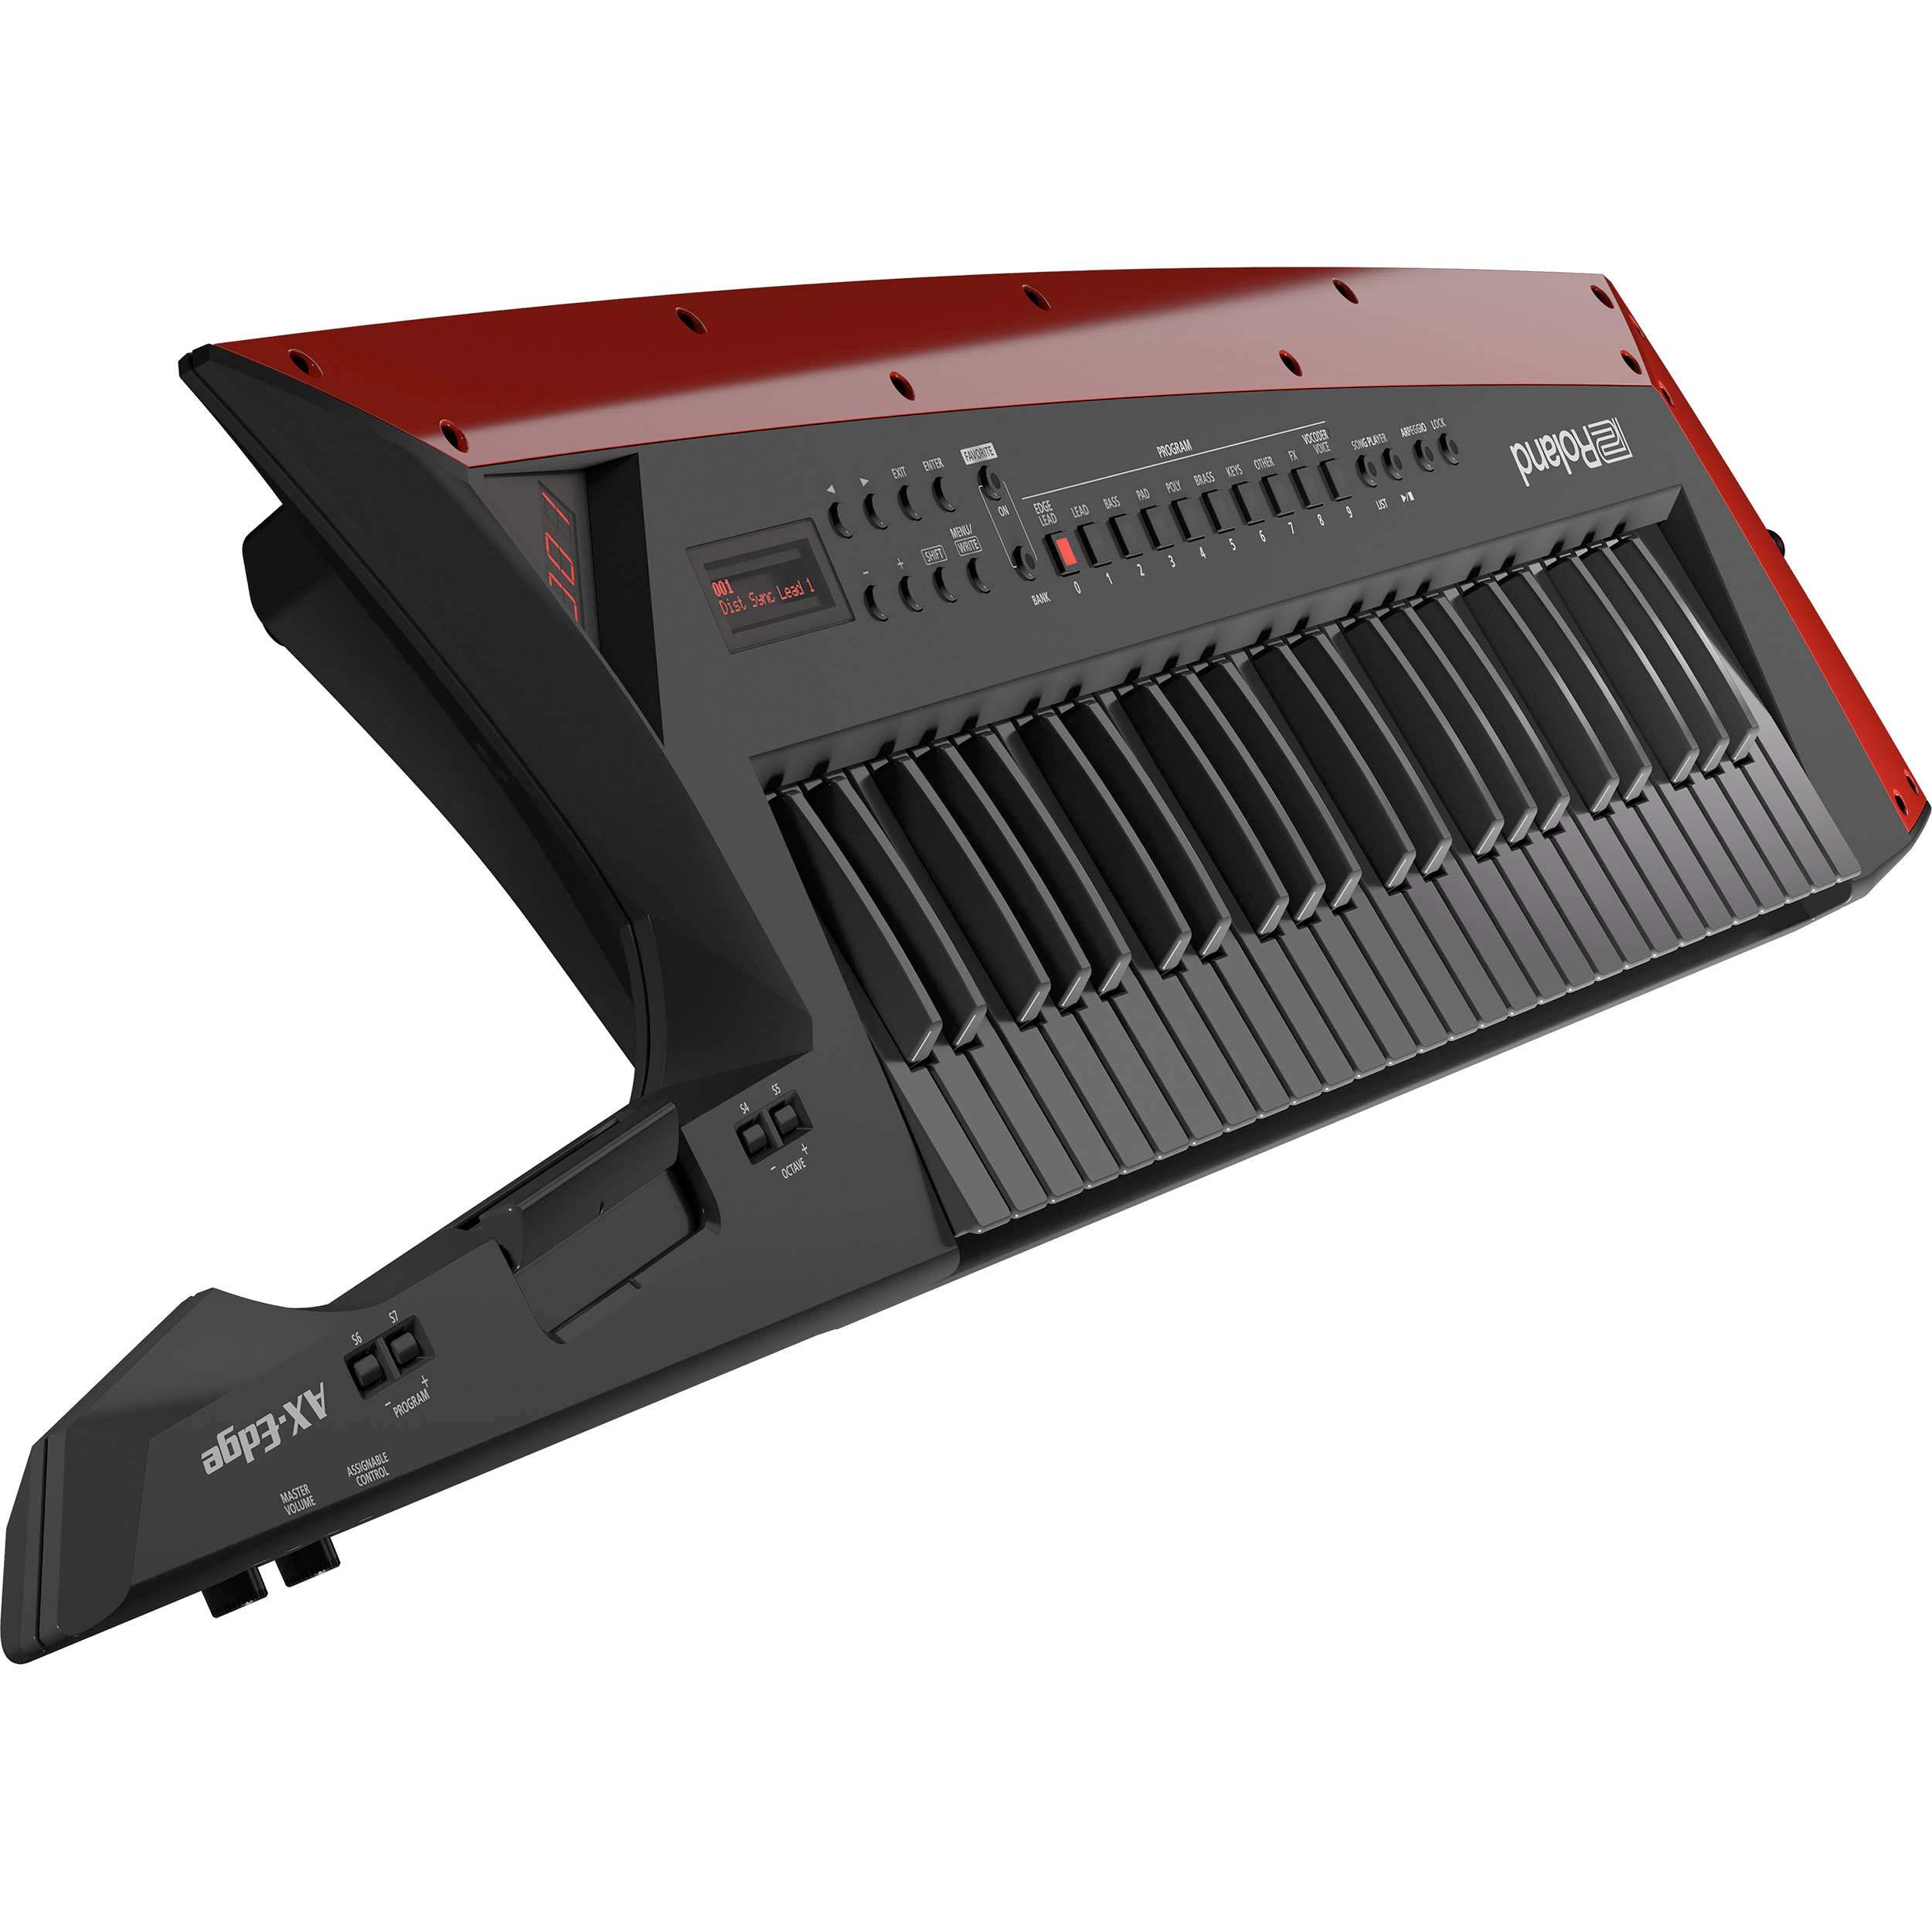 Roland Shoulder Keyboard''AX-Edge Keytar'' (BLACK) AX-EDGE-B + AC100V ~ AC240V (50/60 Hz) AC 100 V / 200 W (50/60 Hz) TransformerJapan Domestic Genuine ProductsShips from Japan by R